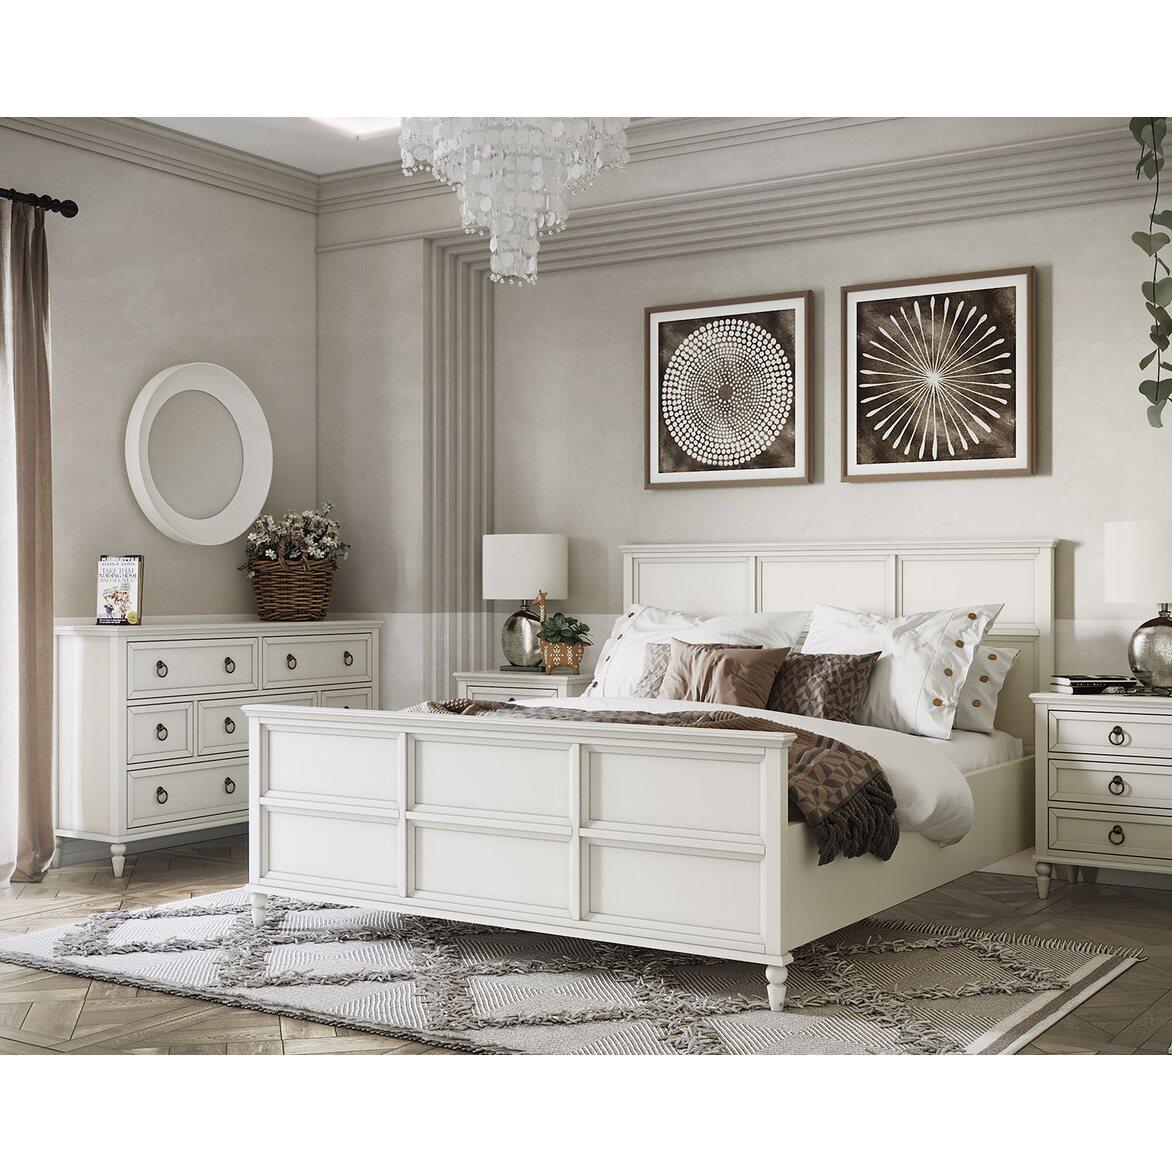 Кровать 160*200 Vilton 3 | Двуспальные кровати Kingsby